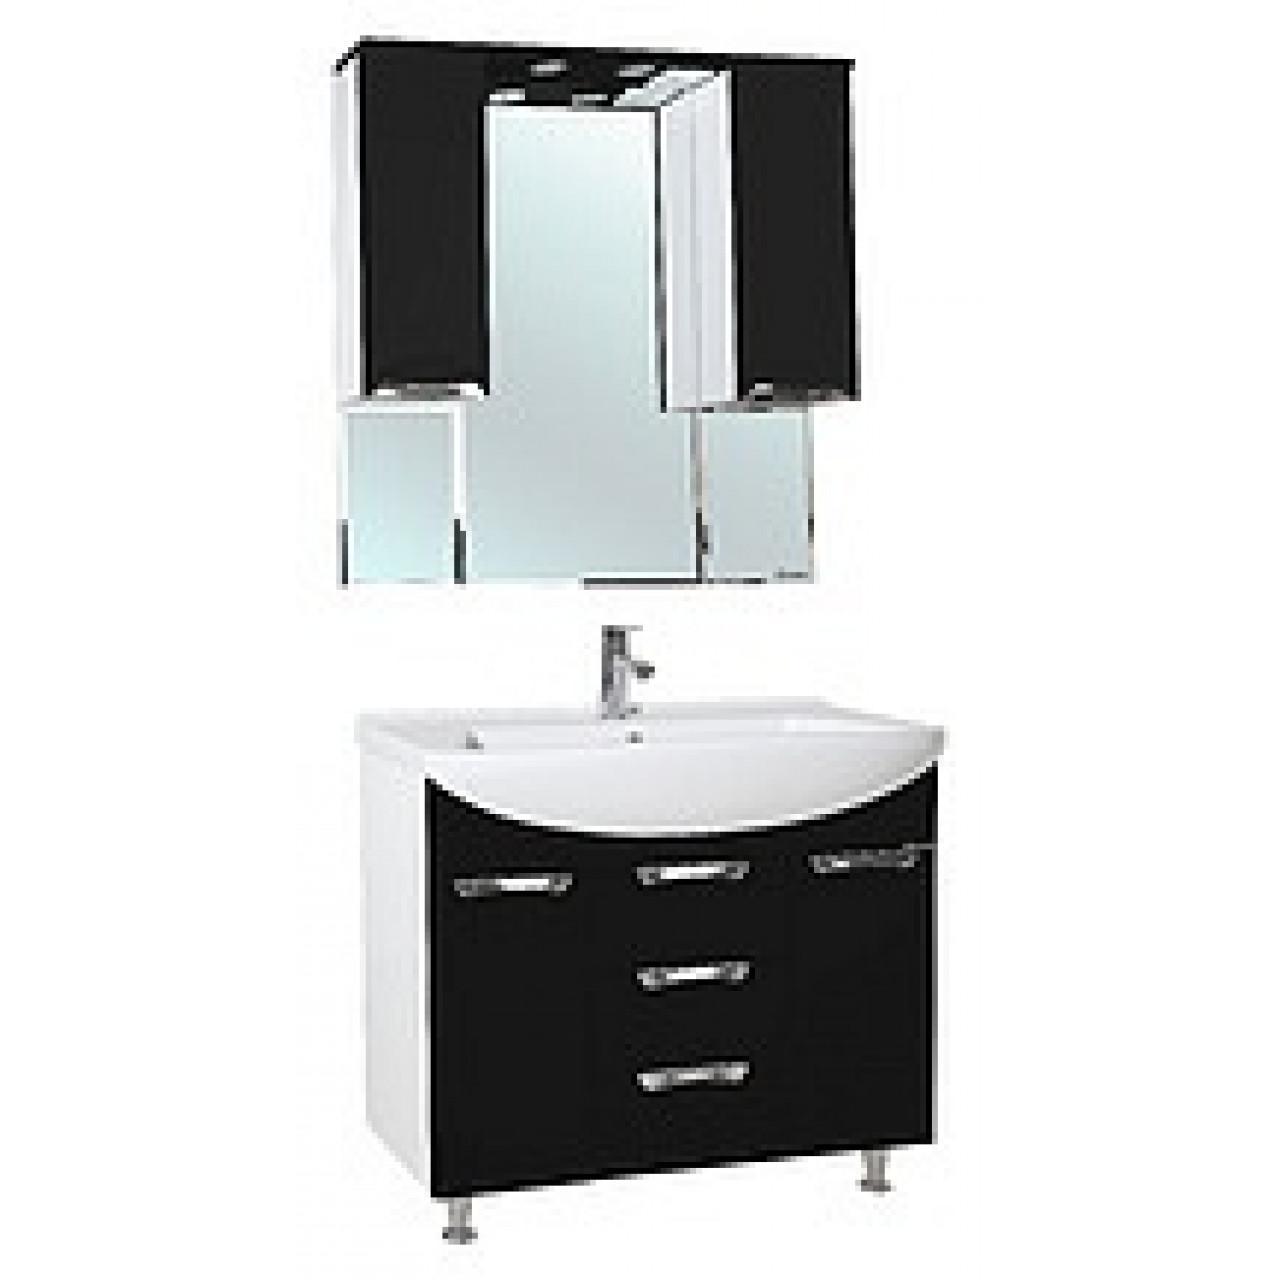 Комплект мебели Bellezza Альфа 90 (черный, бежевый, красный) купить в Москве по цене от 22464р. в интернет-магазине mebel-v-vannu.ru